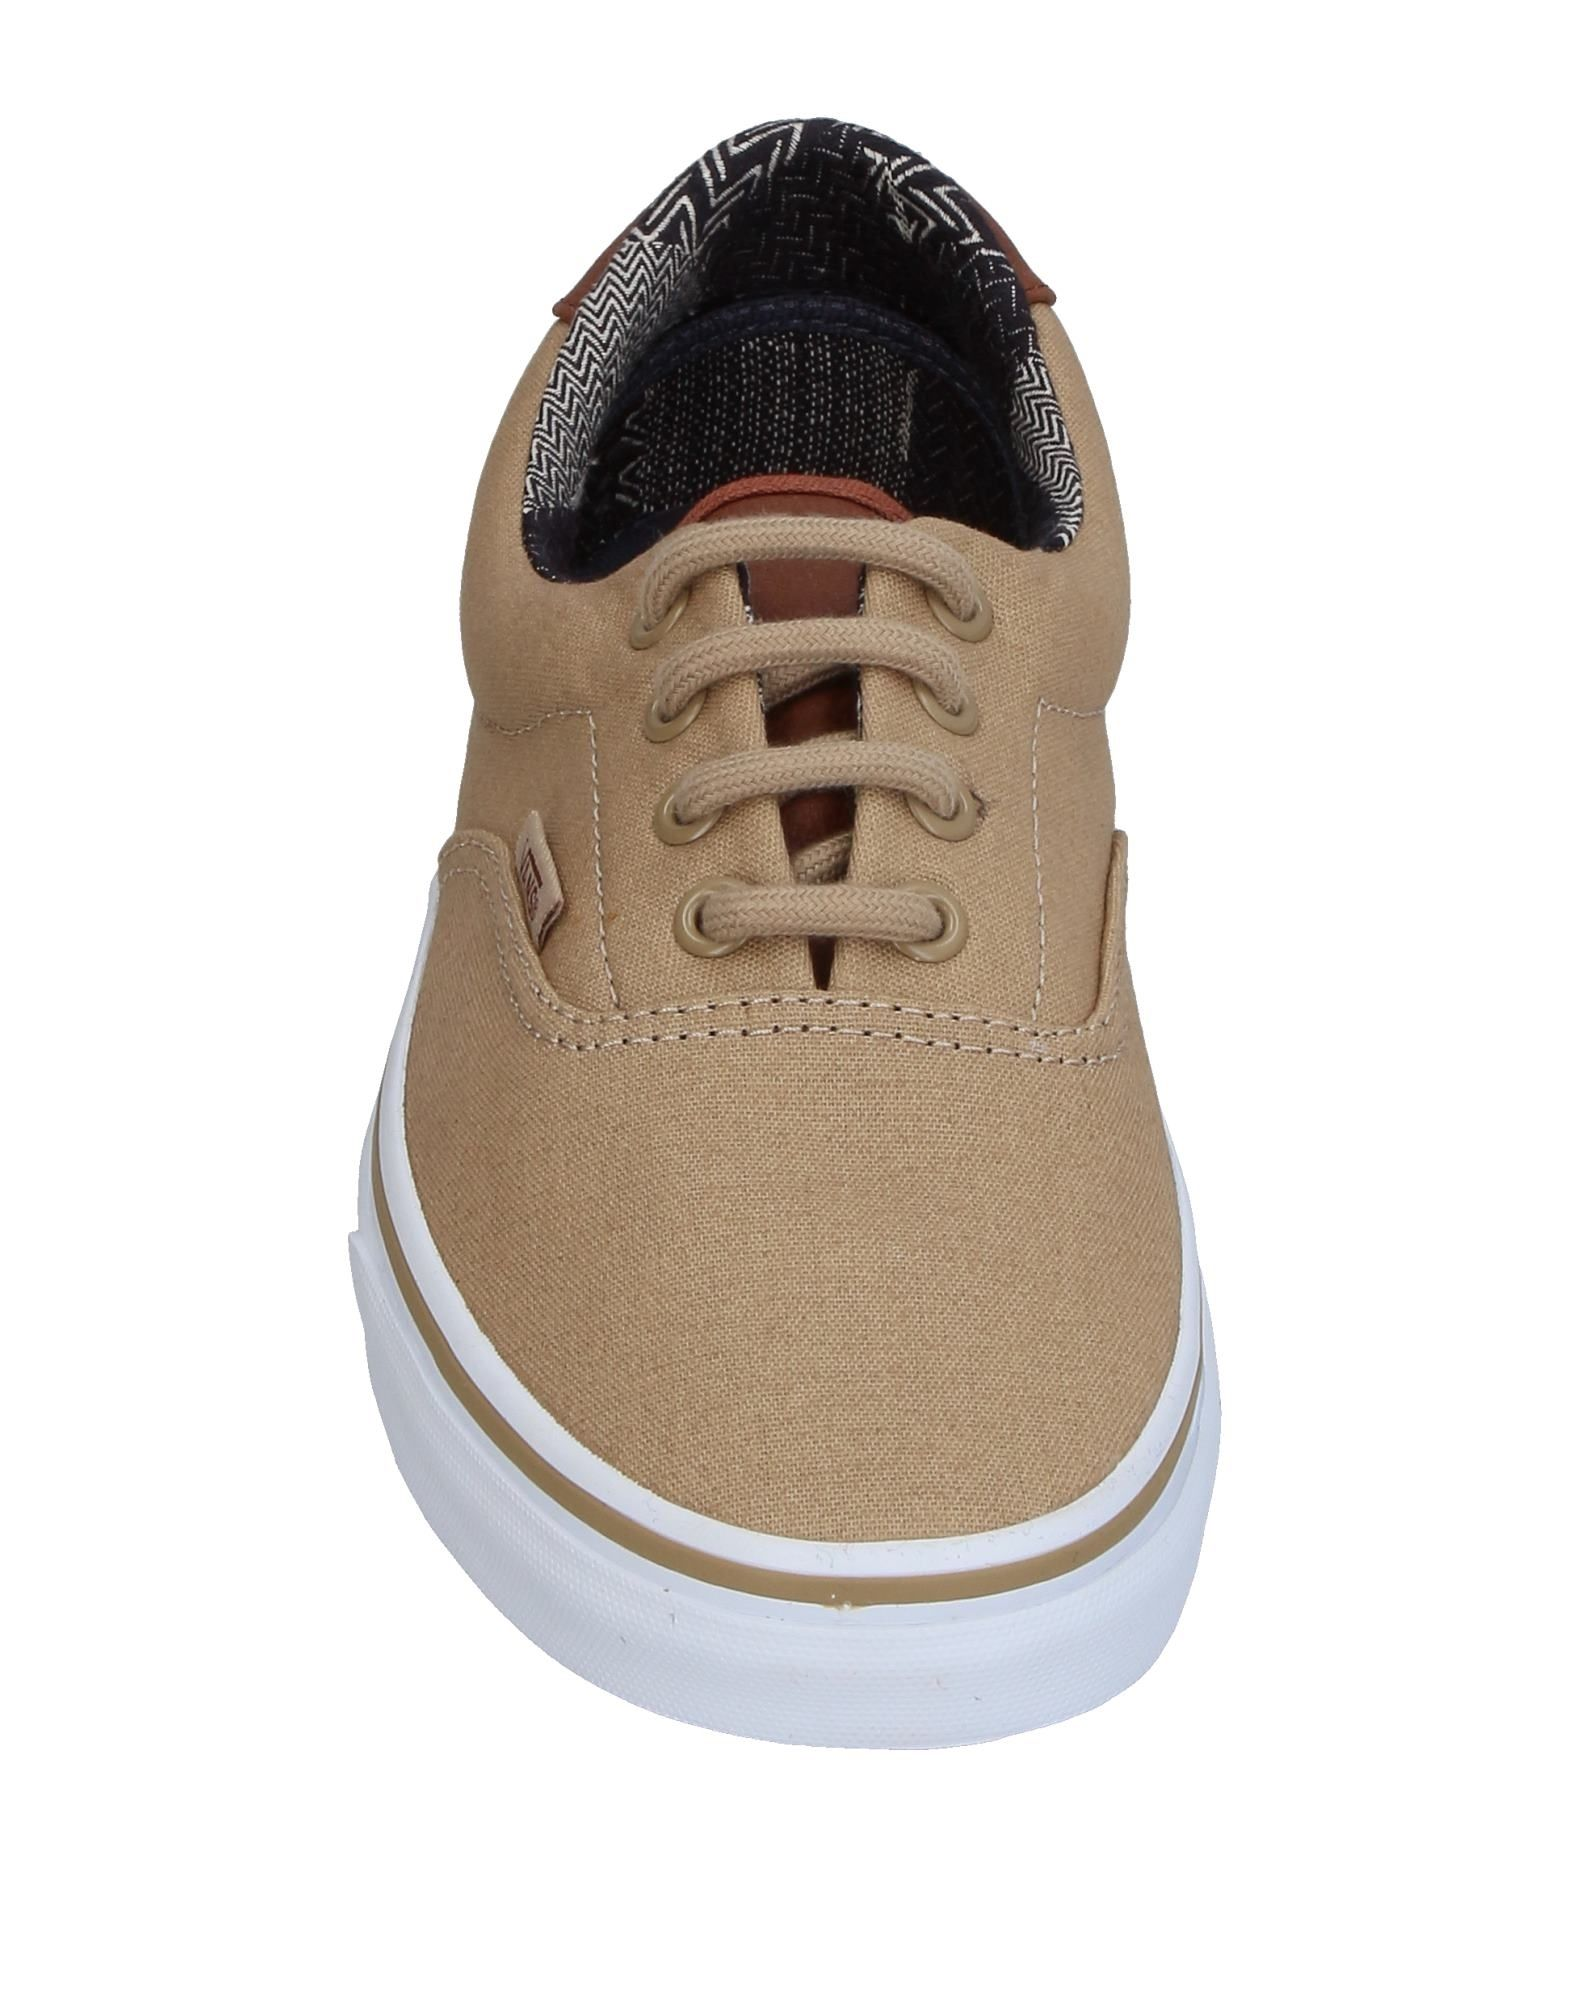 Rabatt echte Schuhe Schuhe Schuhe Vans Sneakers Herren  11393724ME e1a09d